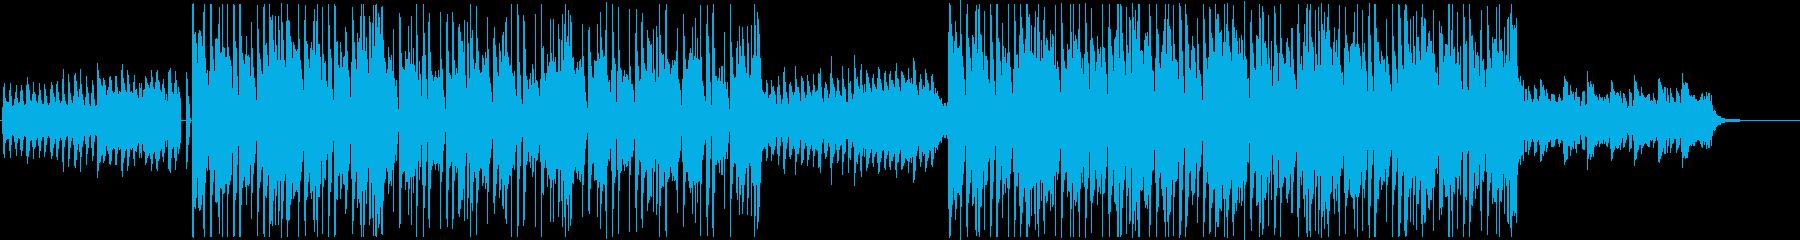 和/中華を感じるTRAPビート/Kpopの再生済みの波形